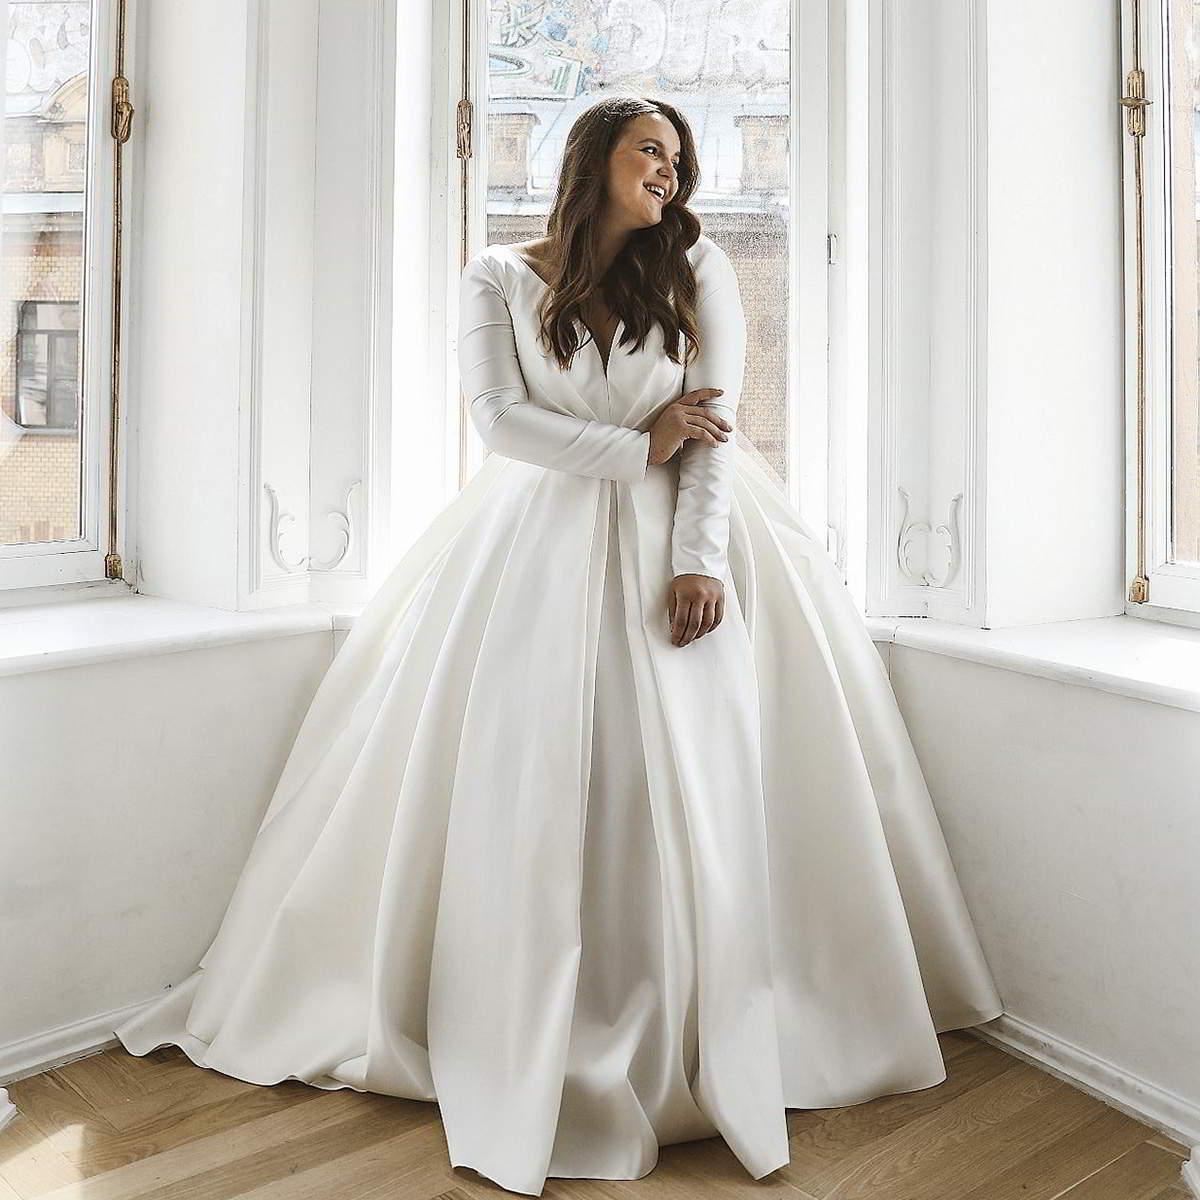 Olivia Bottega 2021 Plus Size Wedding Dresses Wedding Inspirasi